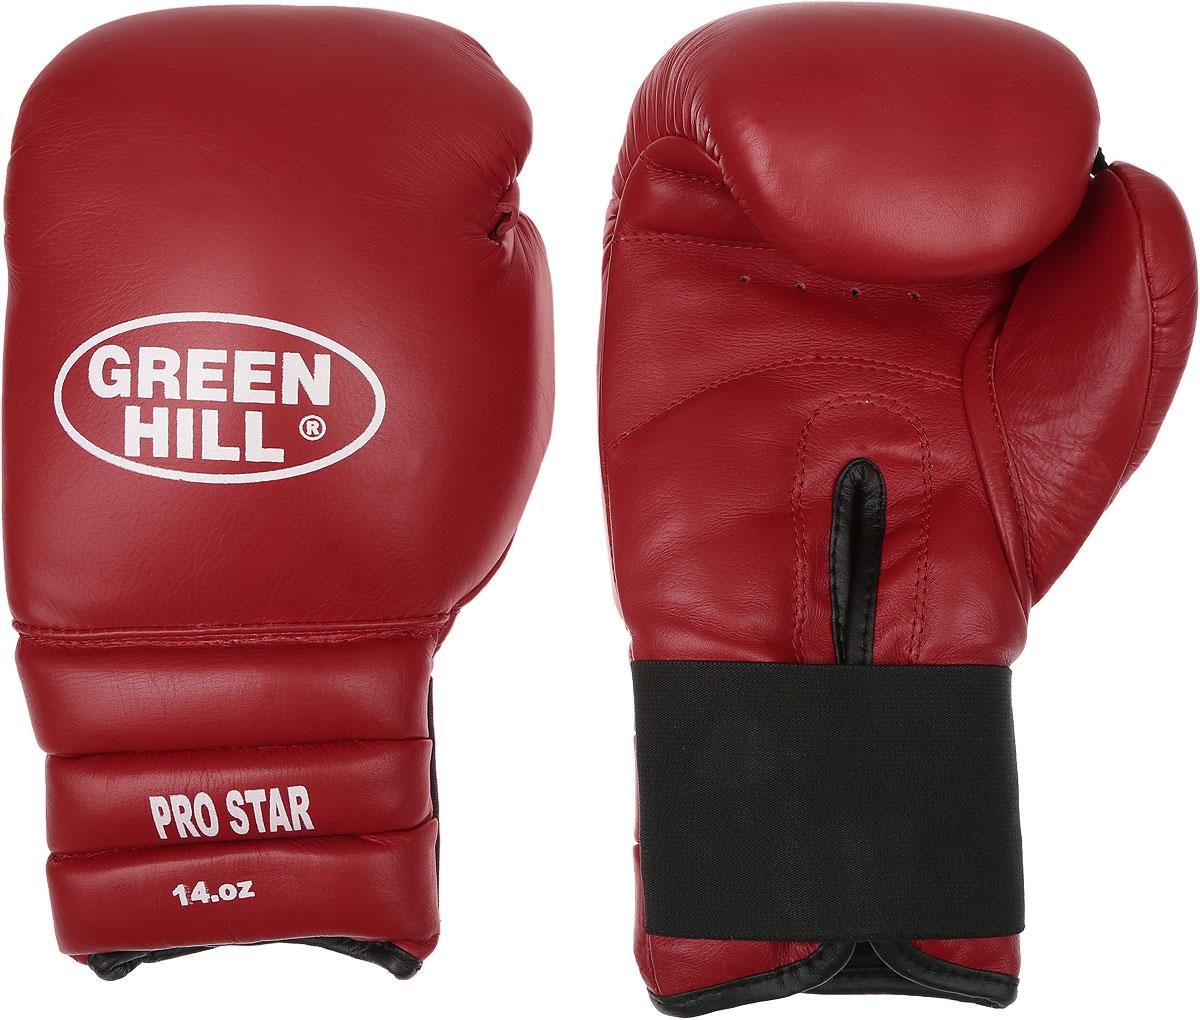 Перчатки боксерские Green Hill Pro Star, цвет: красный, белый. Вес 14 унций. BGPS-2012SCG-2048cТренировочные боксерские перчатки Green Hill Pro Star отлично подойдут для спаррингов. Верх выполнен из натуральной кожи, наполнитель - из вспененного полимера. Отверстие в области ладони позволяет создать максимально комфортный терморежим во время занятий. Удлиненный сегментированный манжет способствует быстрому и удобному надеванию перчаток, плотно фиксирует их на руке.